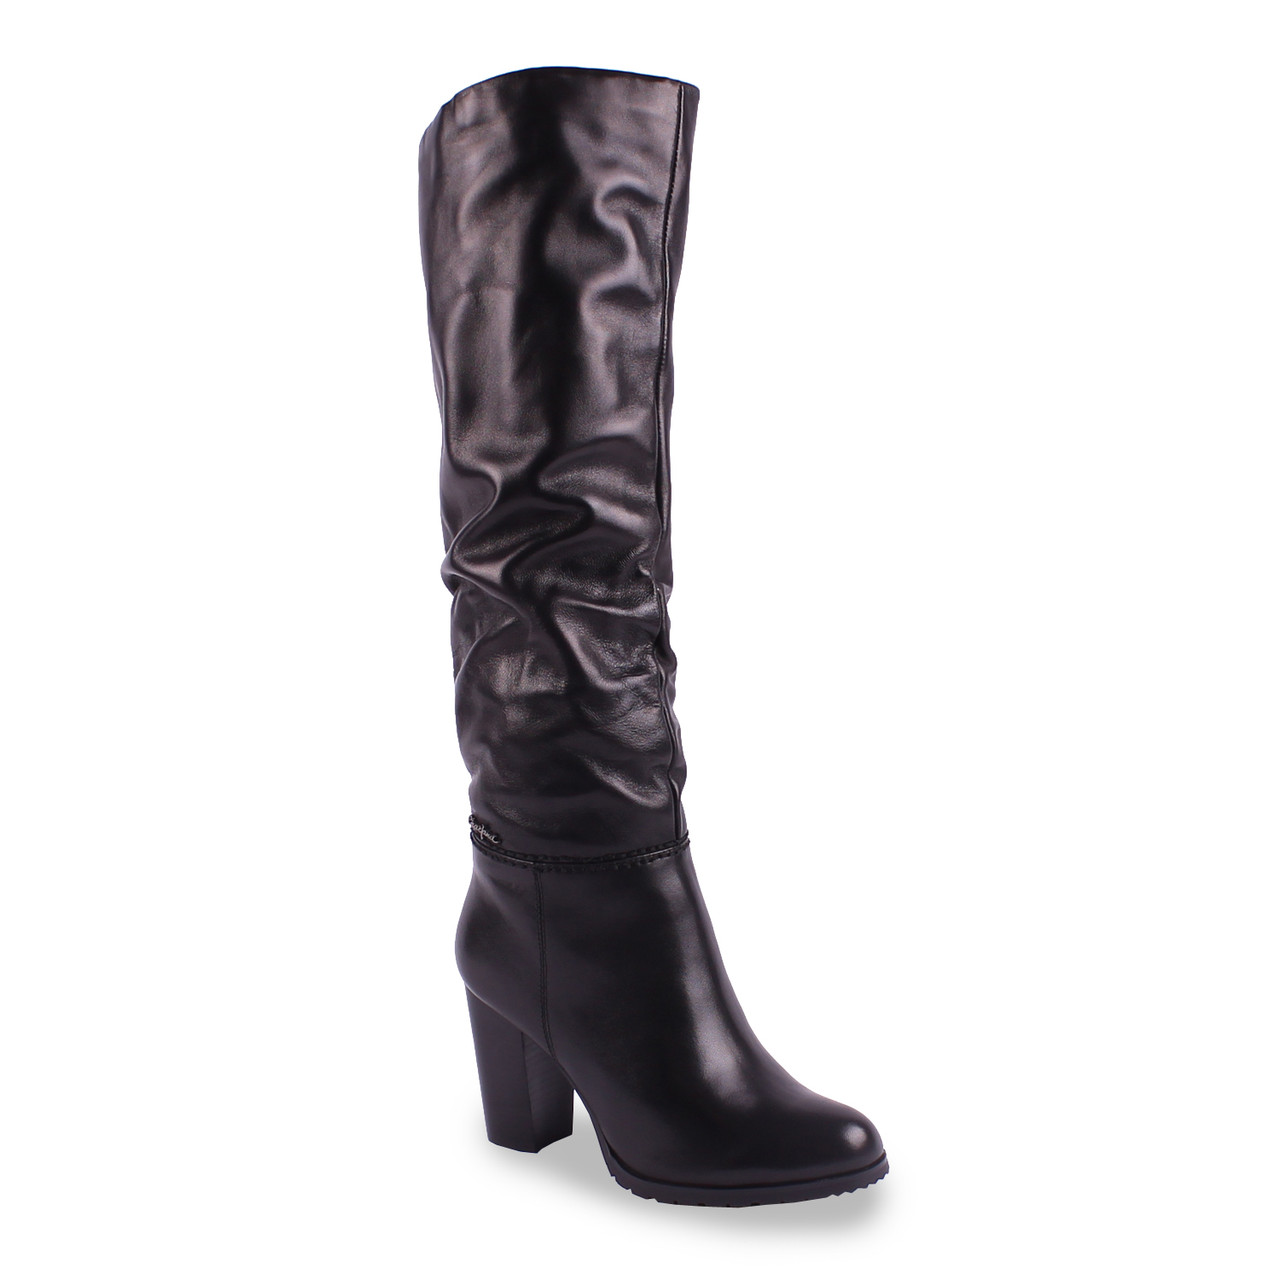 Модные кожаные сапоги Posiot (зимние, на каблуке, удобные, черные, теплые, на замке)